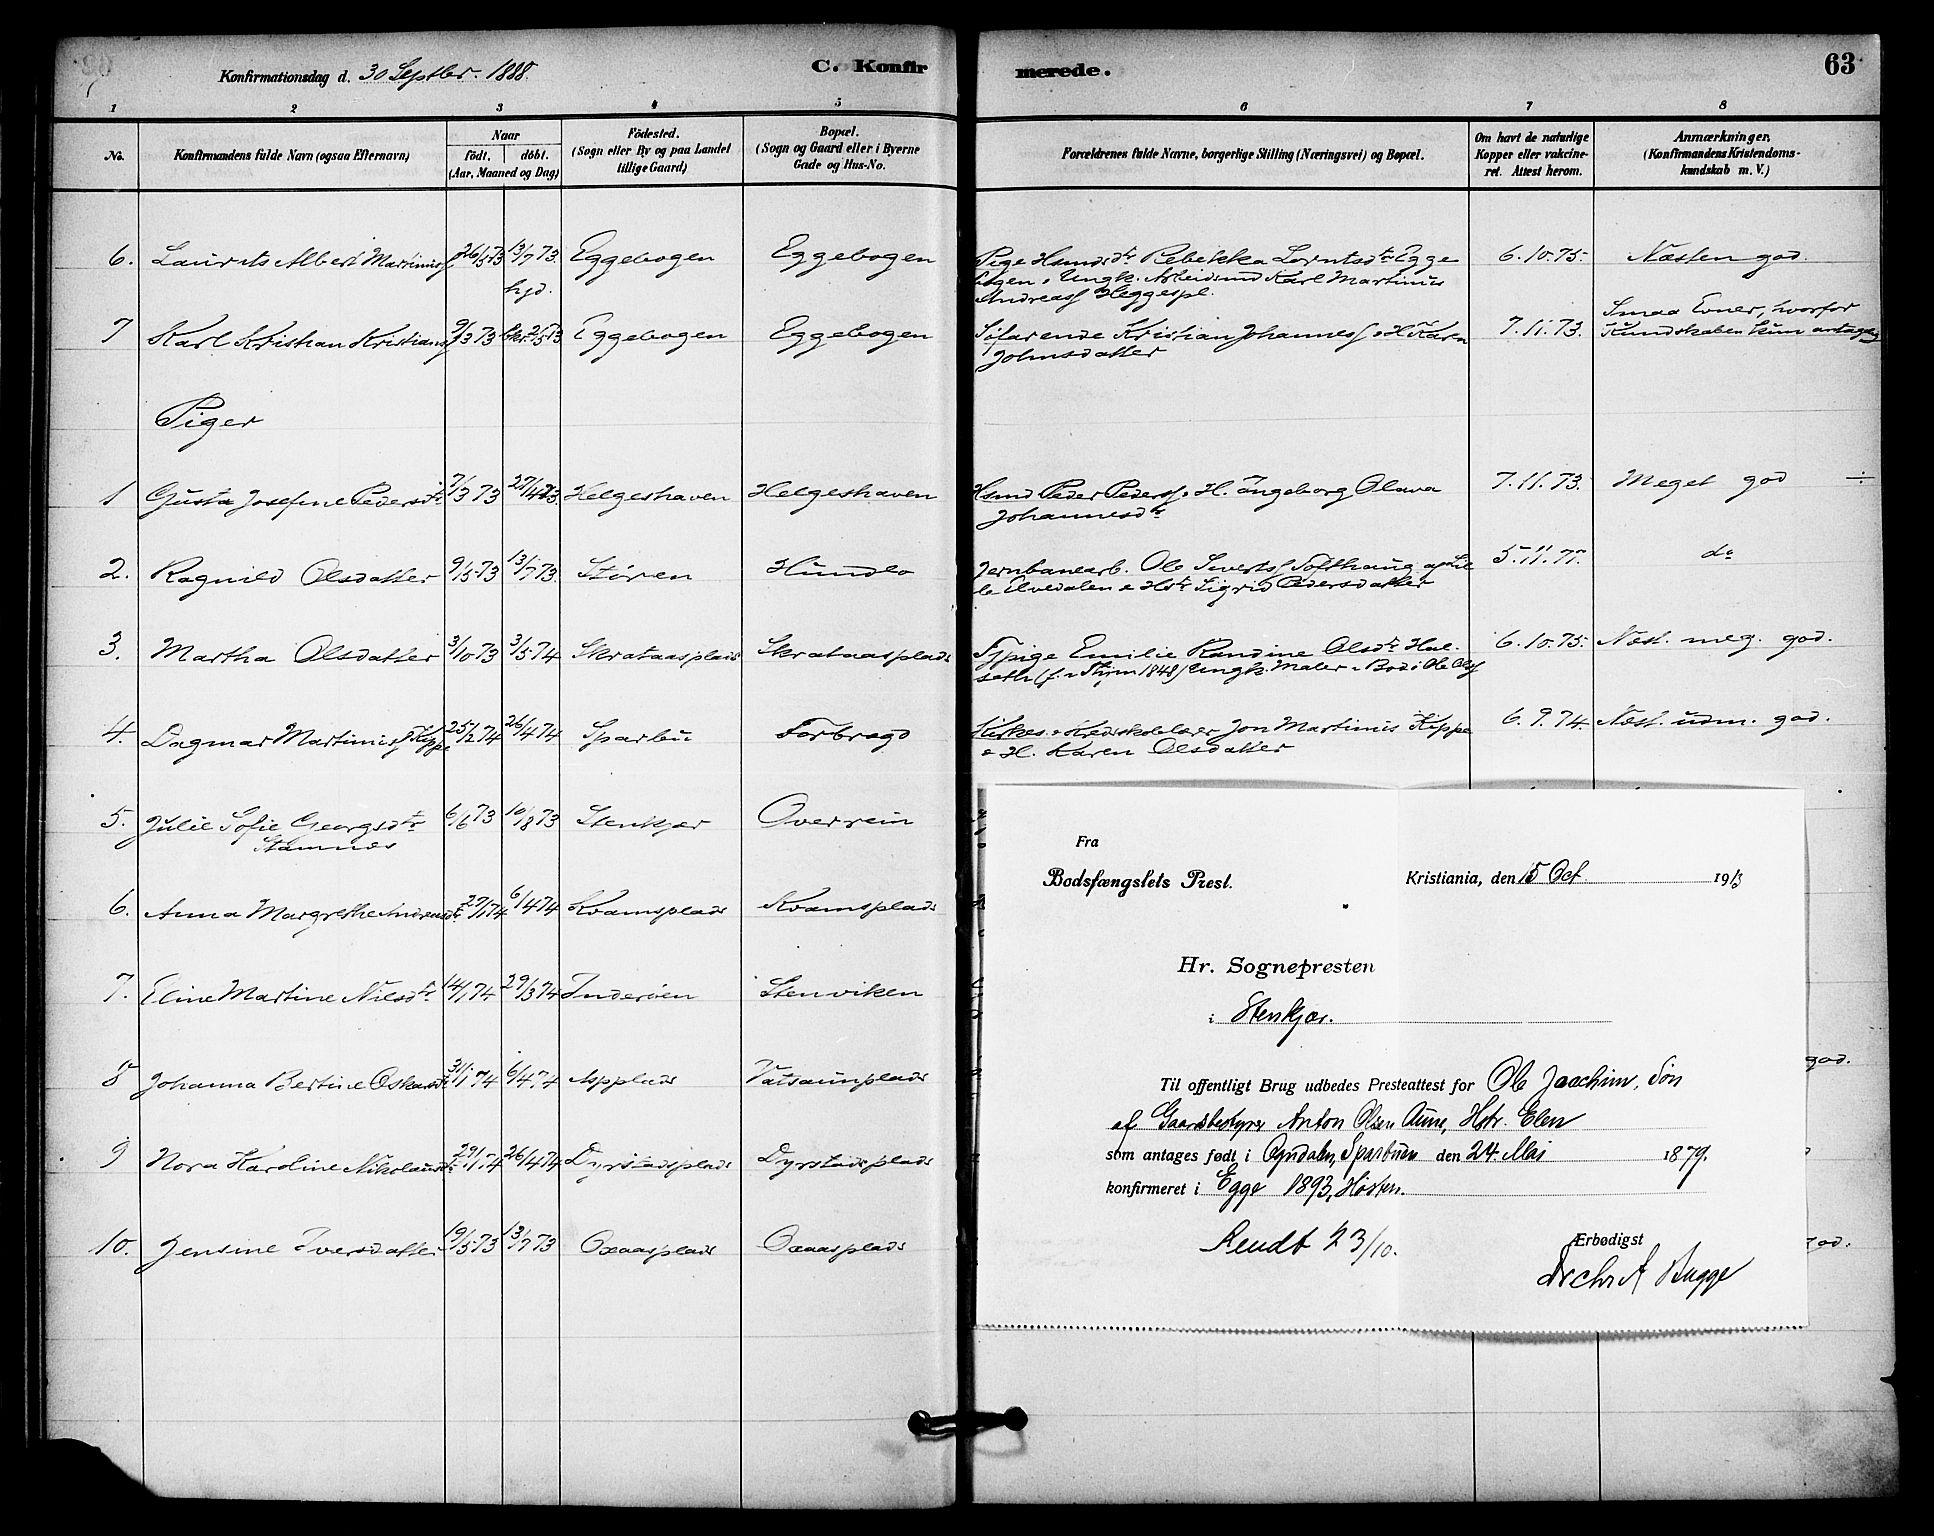 SAT, Ministerialprotokoller, klokkerbøker og fødselsregistre - Nord-Trøndelag, 740/L0378: Ministerialbok nr. 740A01, 1881-1895, s. 63